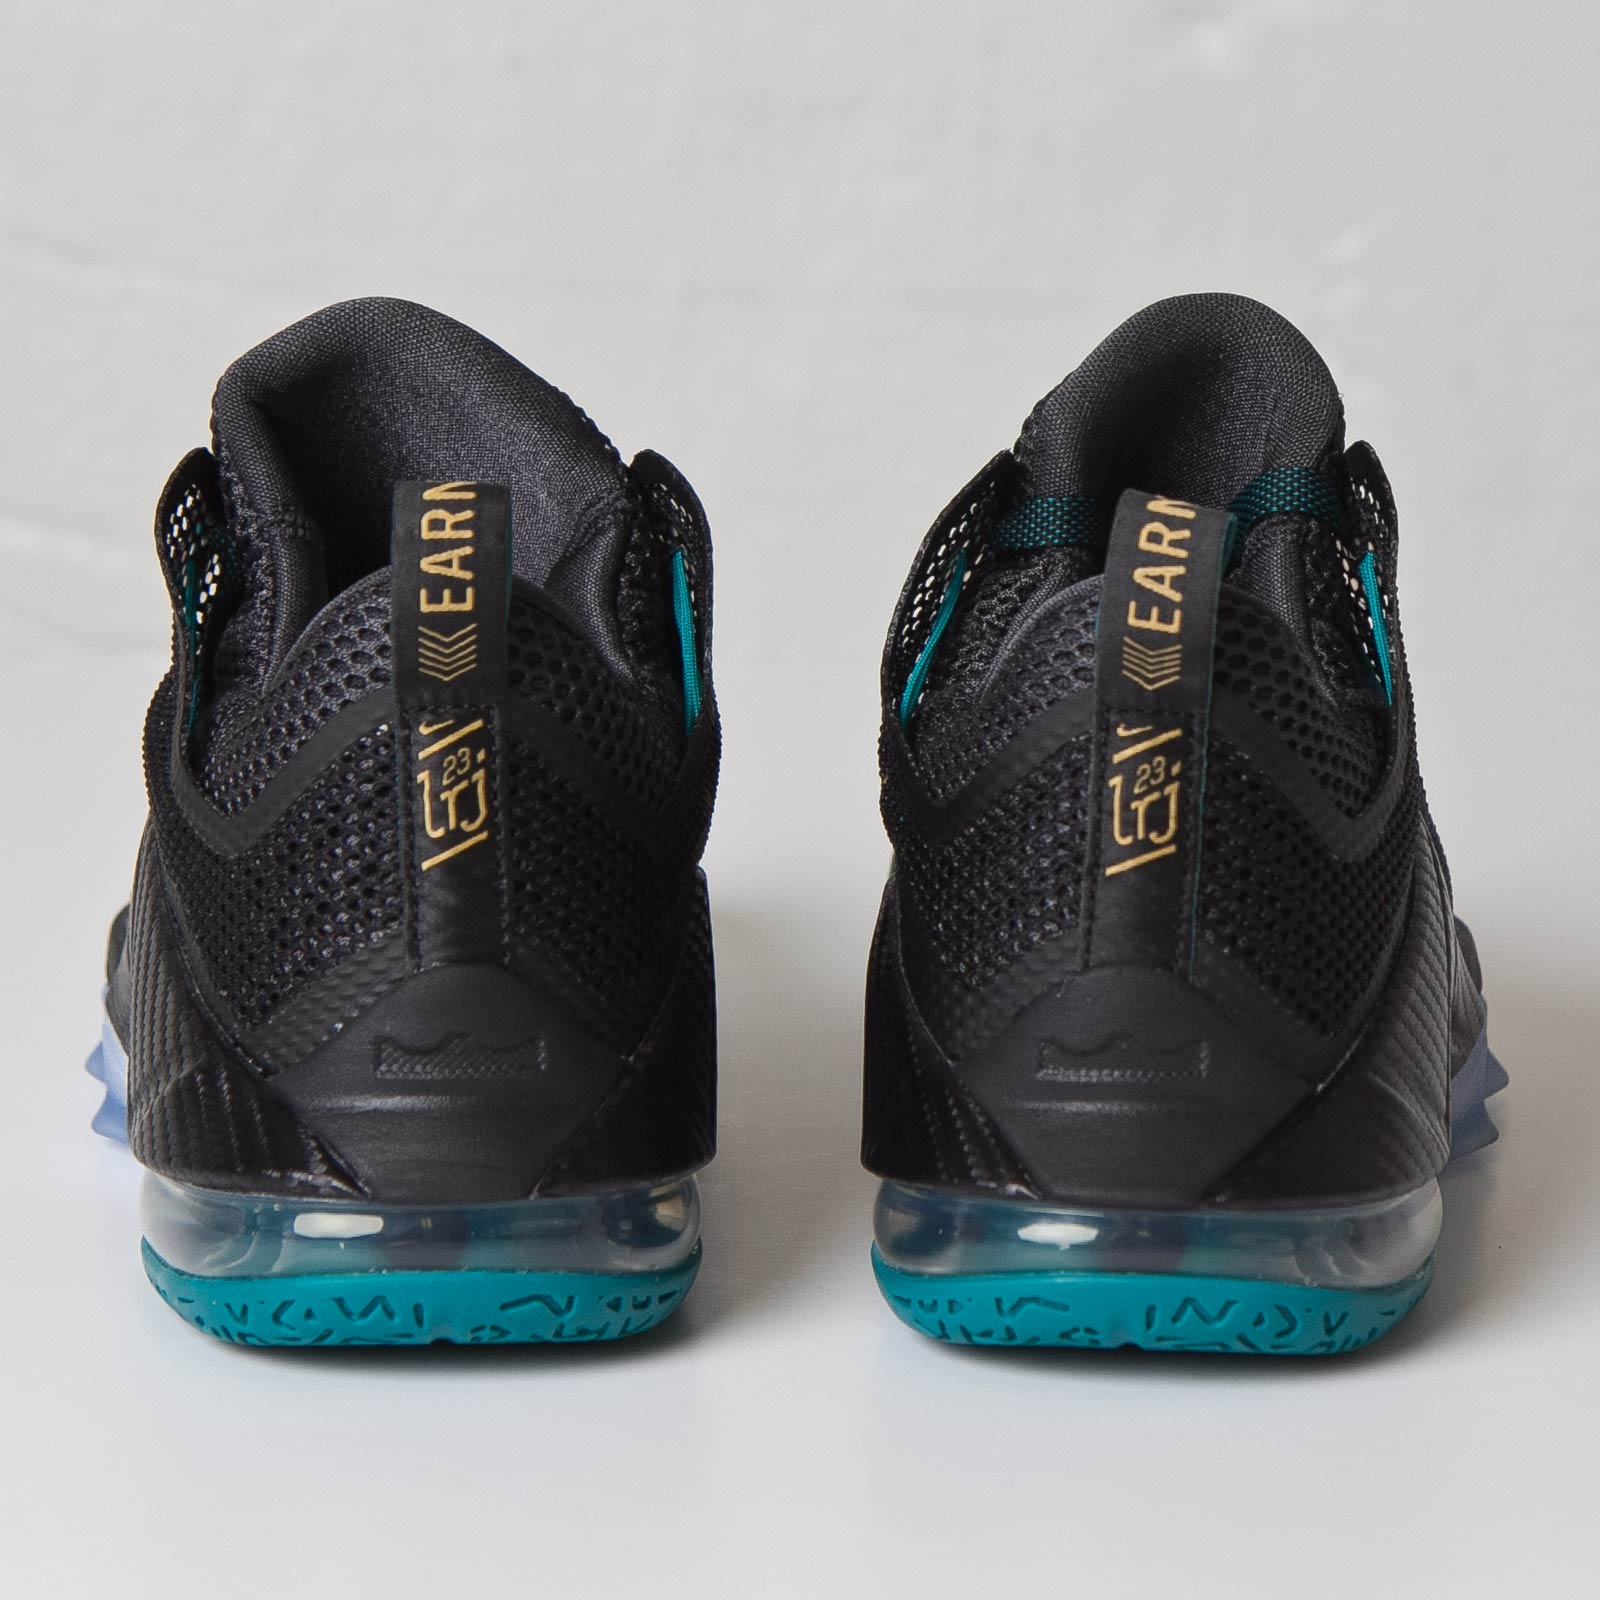 best sneakers 324ba 92bb0 Nike Lebron XII Low - 724557-070 - Sneakersnstuff   sneakers   streetwear  online since 1999